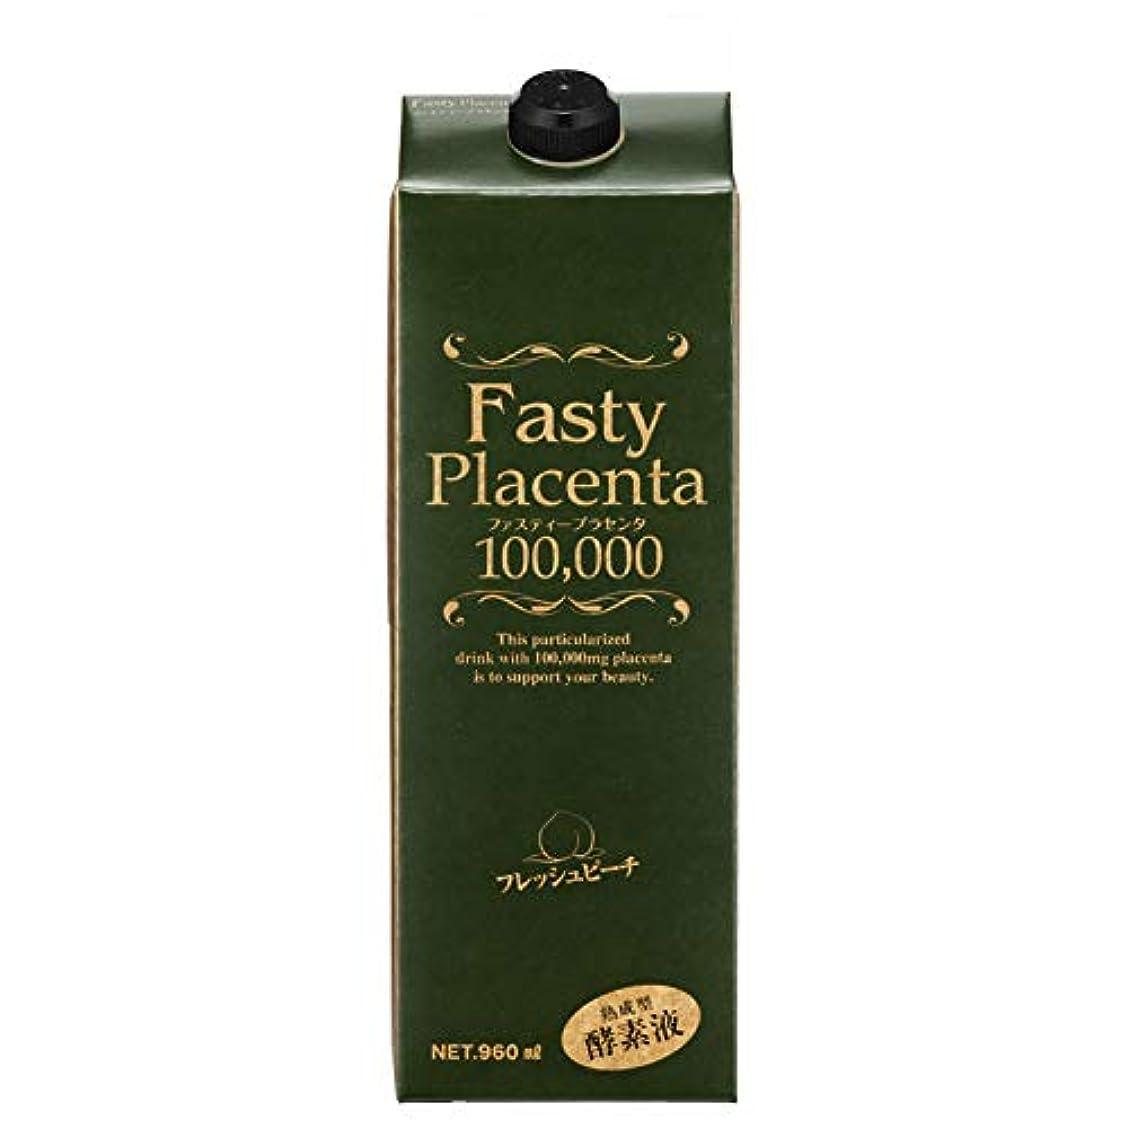 版狂った不正直ファスティープラセンタ100,000 増量パック(フレッシュピーチ味)1個